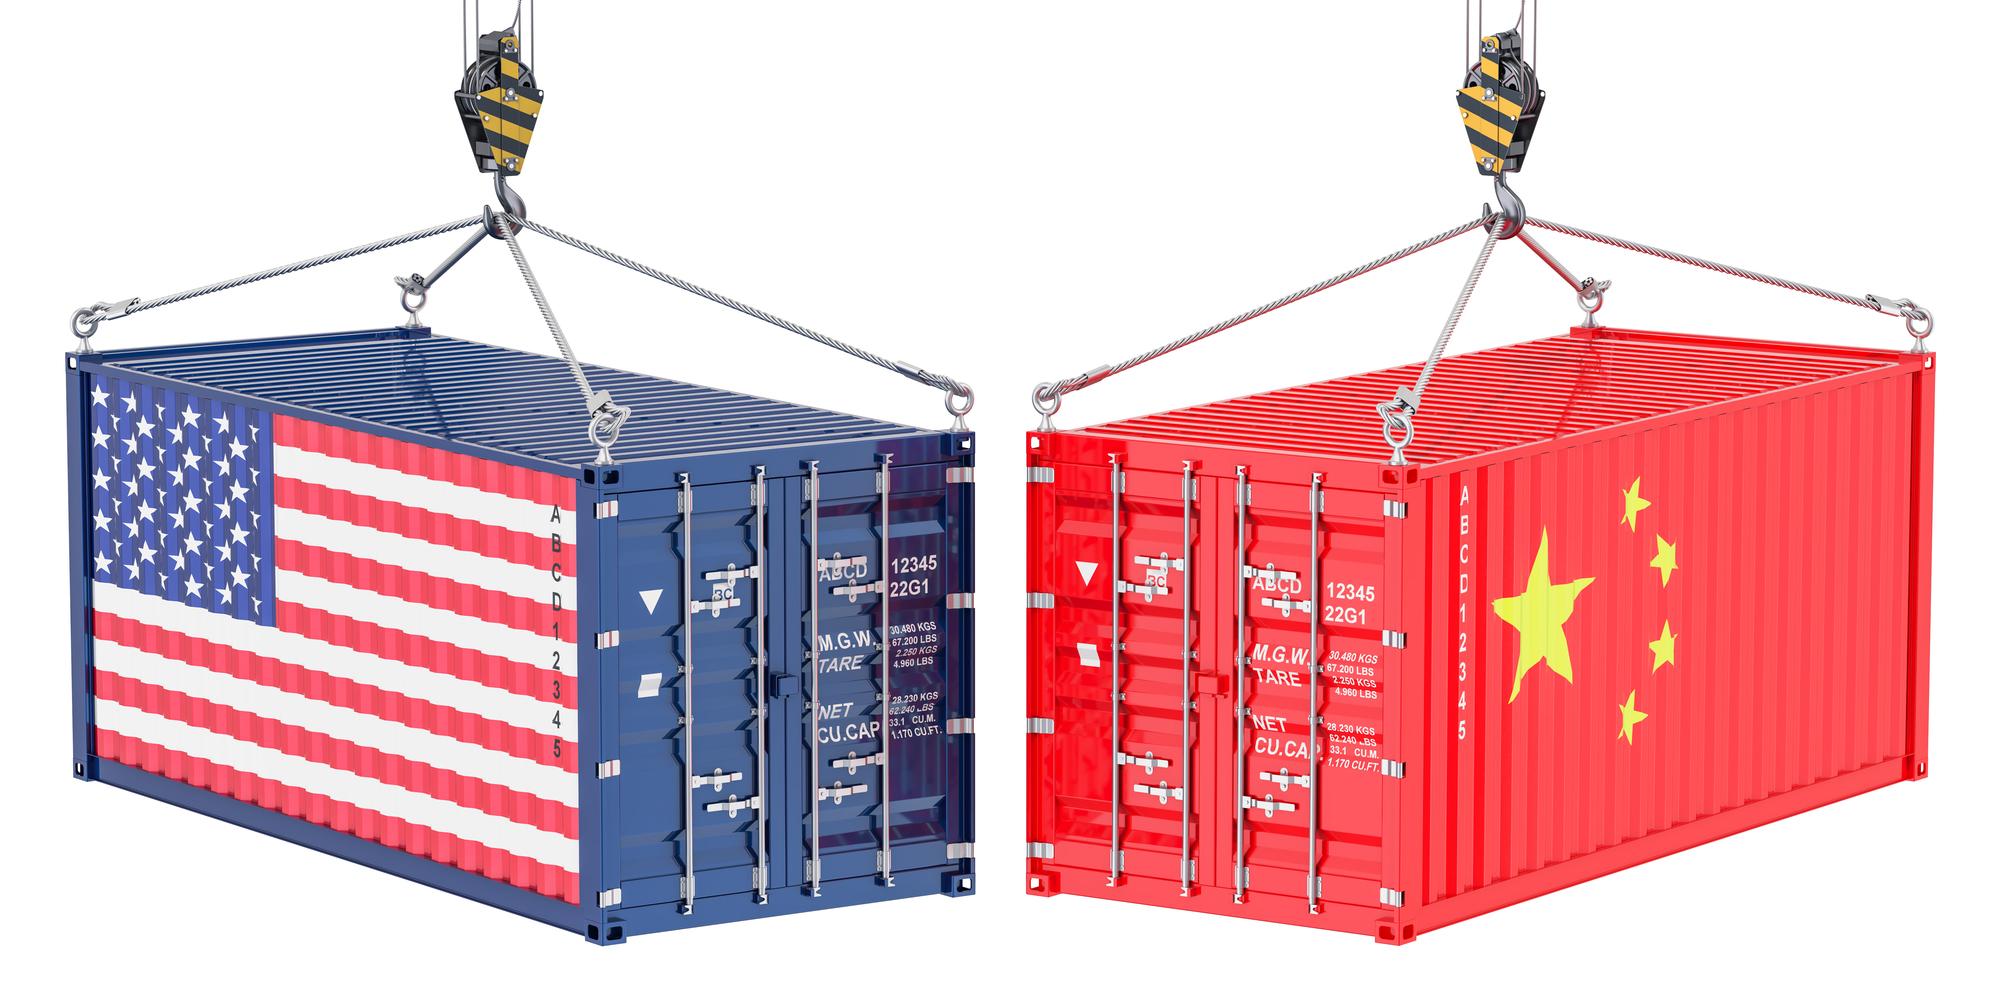 激化する中国との貿易摩擦